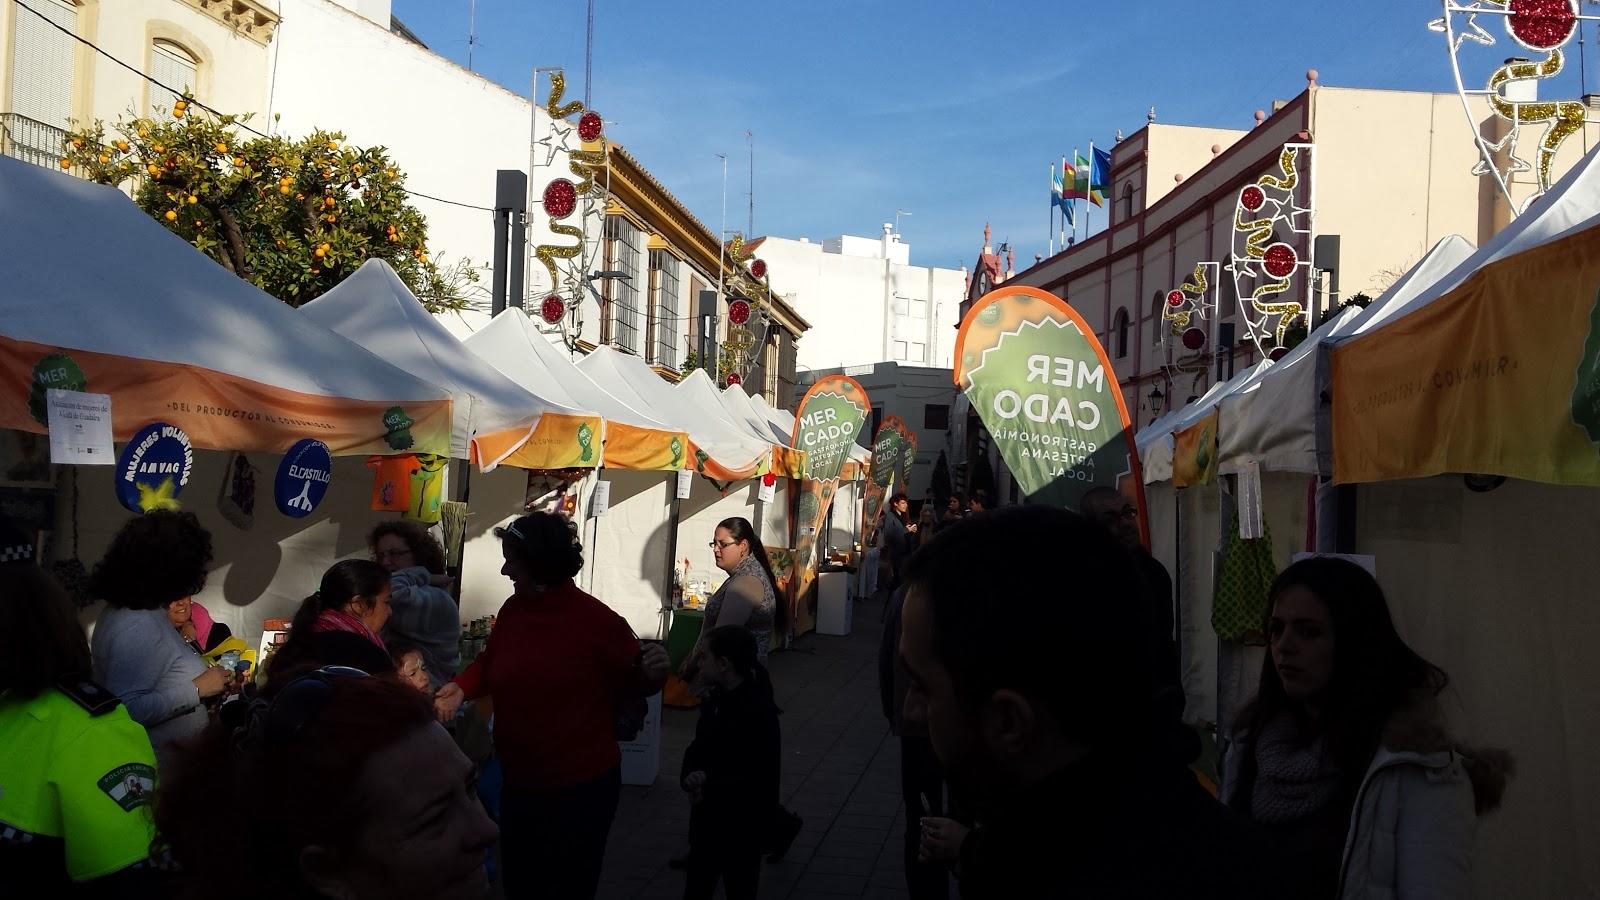 Mercado Gastronómico de Alcalá de Guadaíra